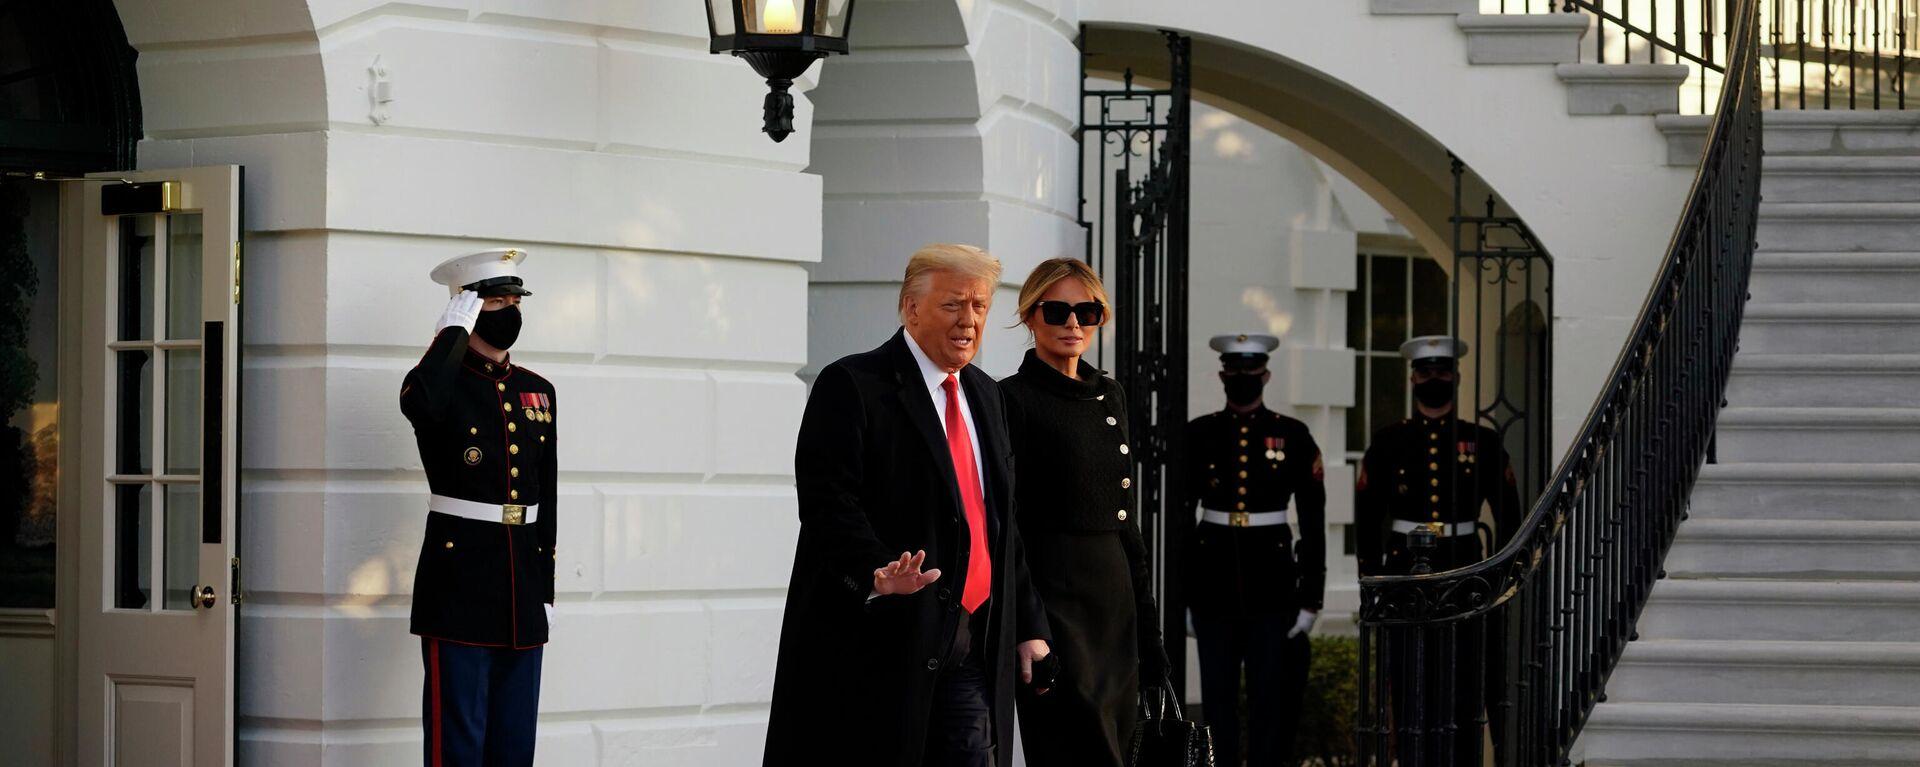 Bývalý americký prezident Donald Trump - Sputnik Česká republika, 1920, 20.04.2021